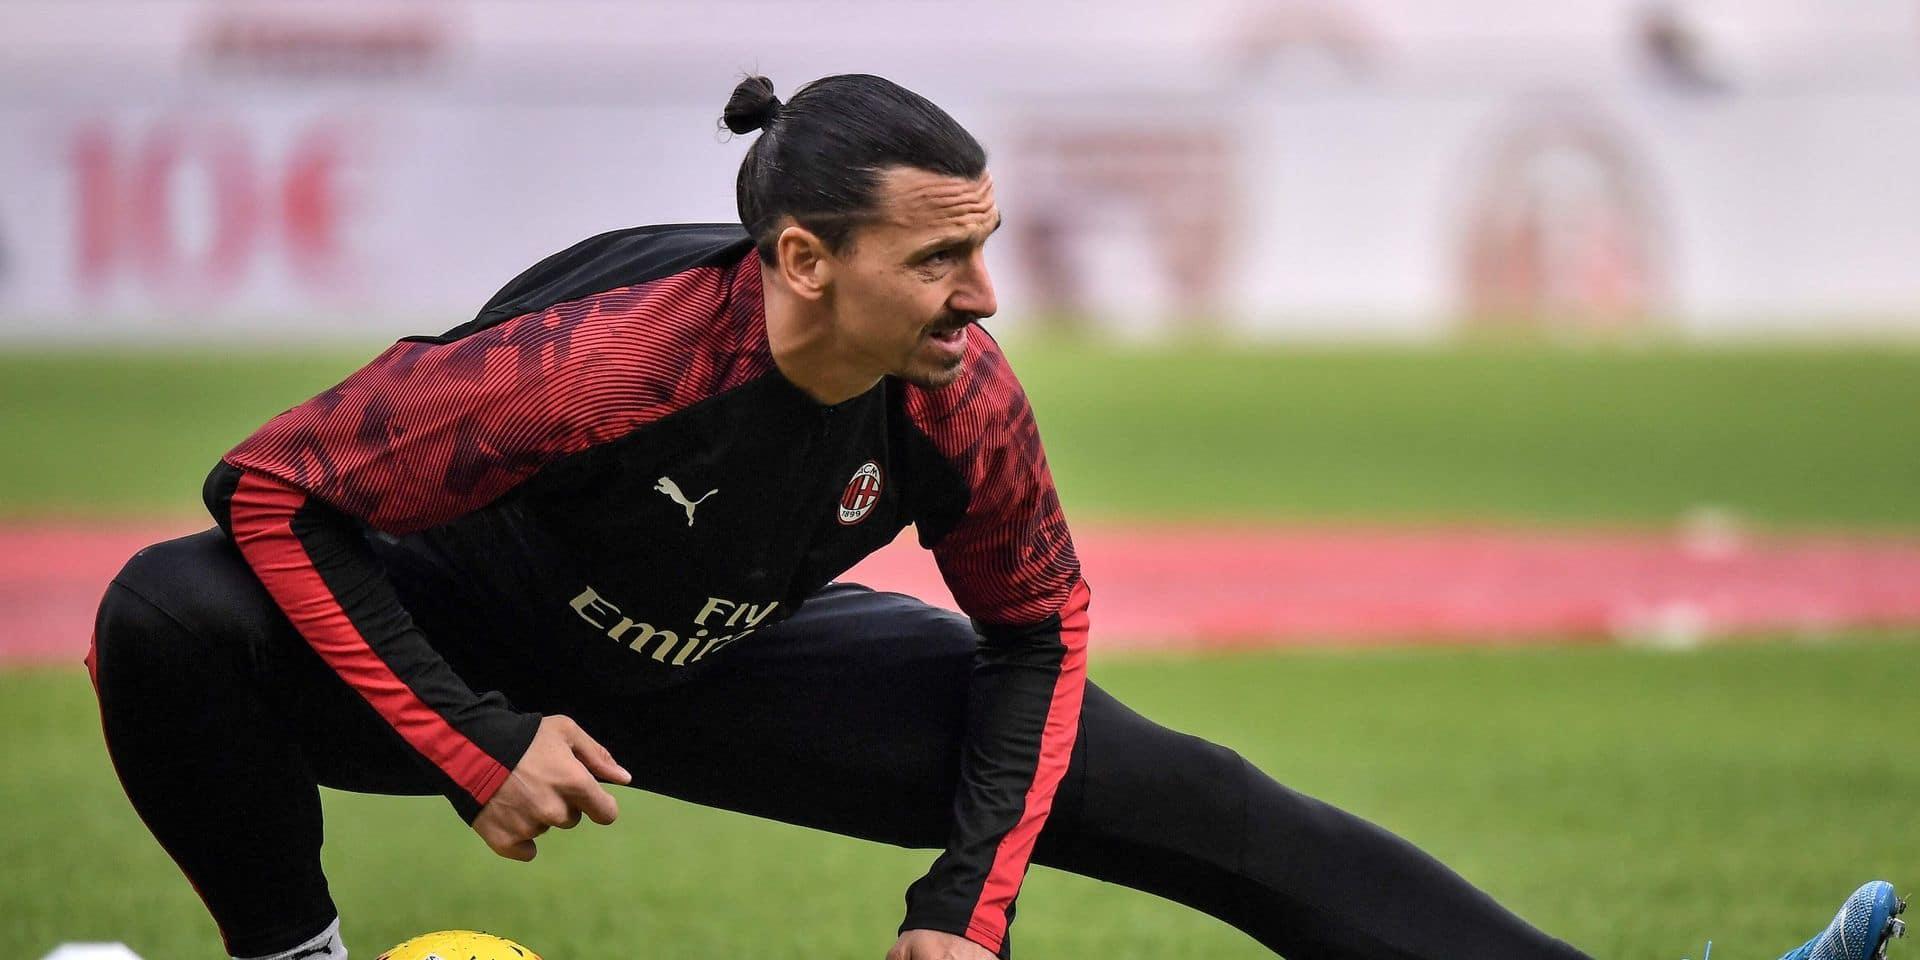 Nouvelles rassurantes pour Zlatan Ibrahimovic: ça ne sent pas la fin de carrière anticipée